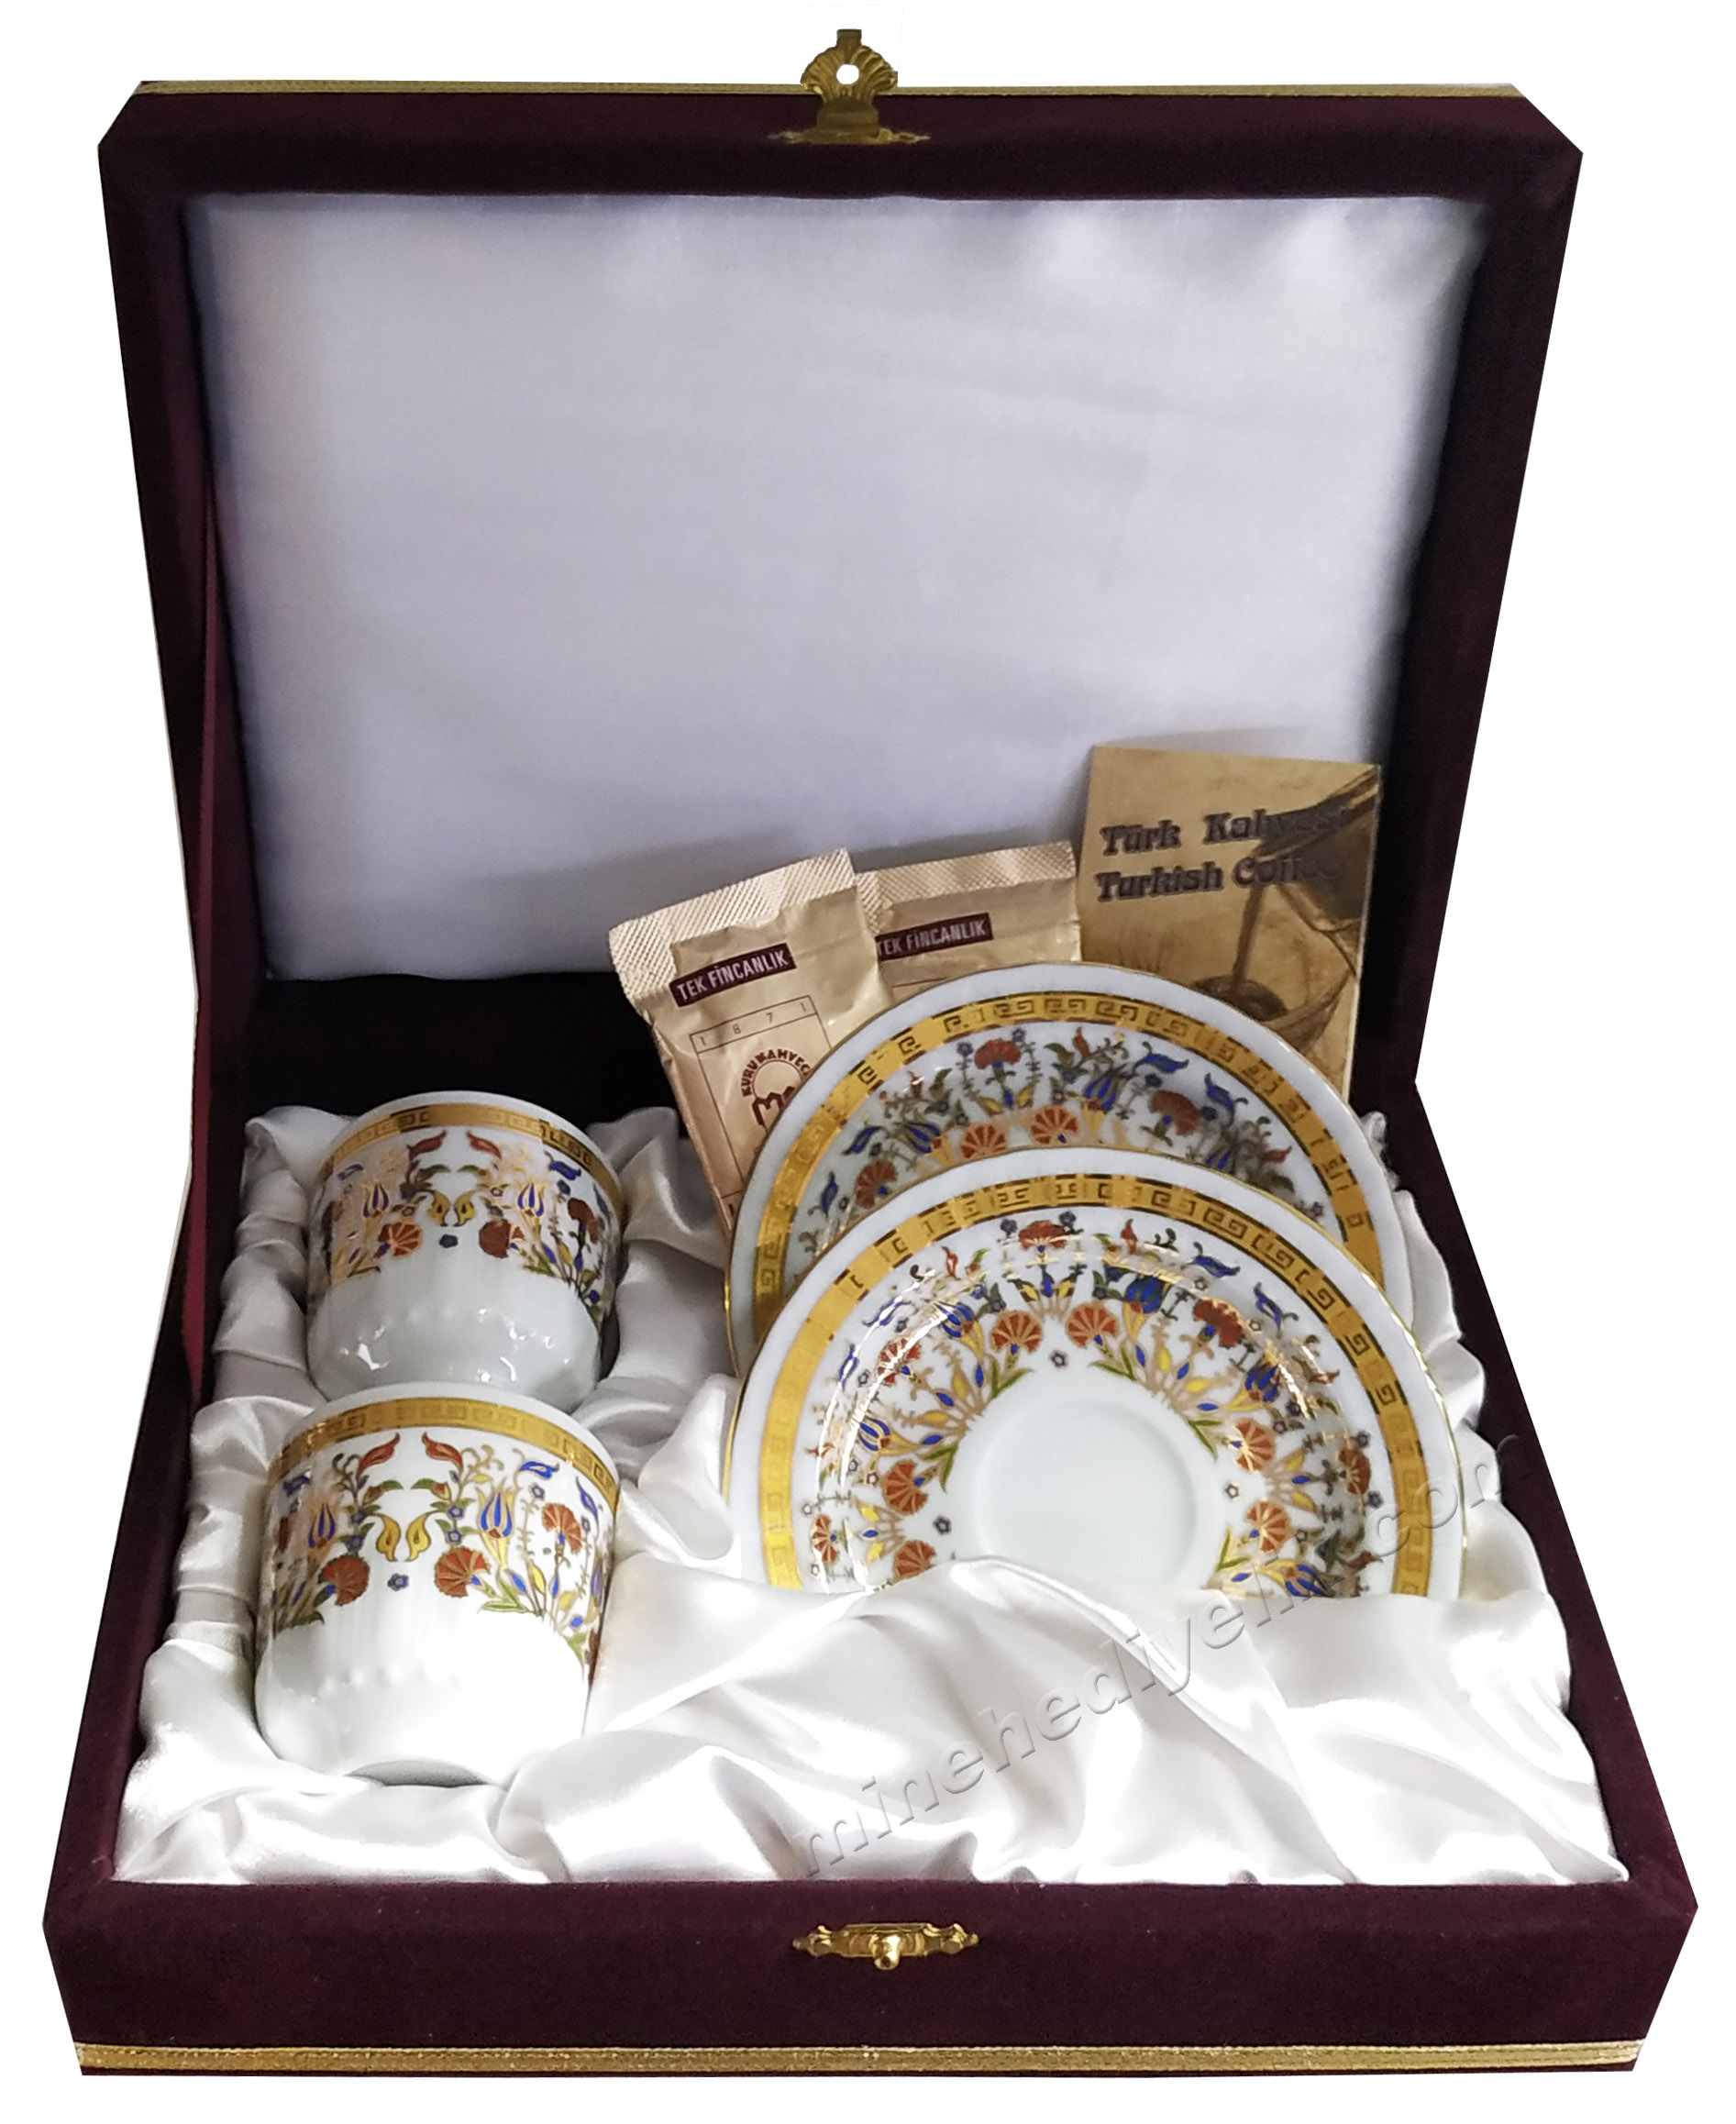 Kaliteli Kişilik Kahve Fincan Setleri Özel Tasarım Kutularda Versace Desenli Türk Kahveli 2 li kahve seti Osmanlı